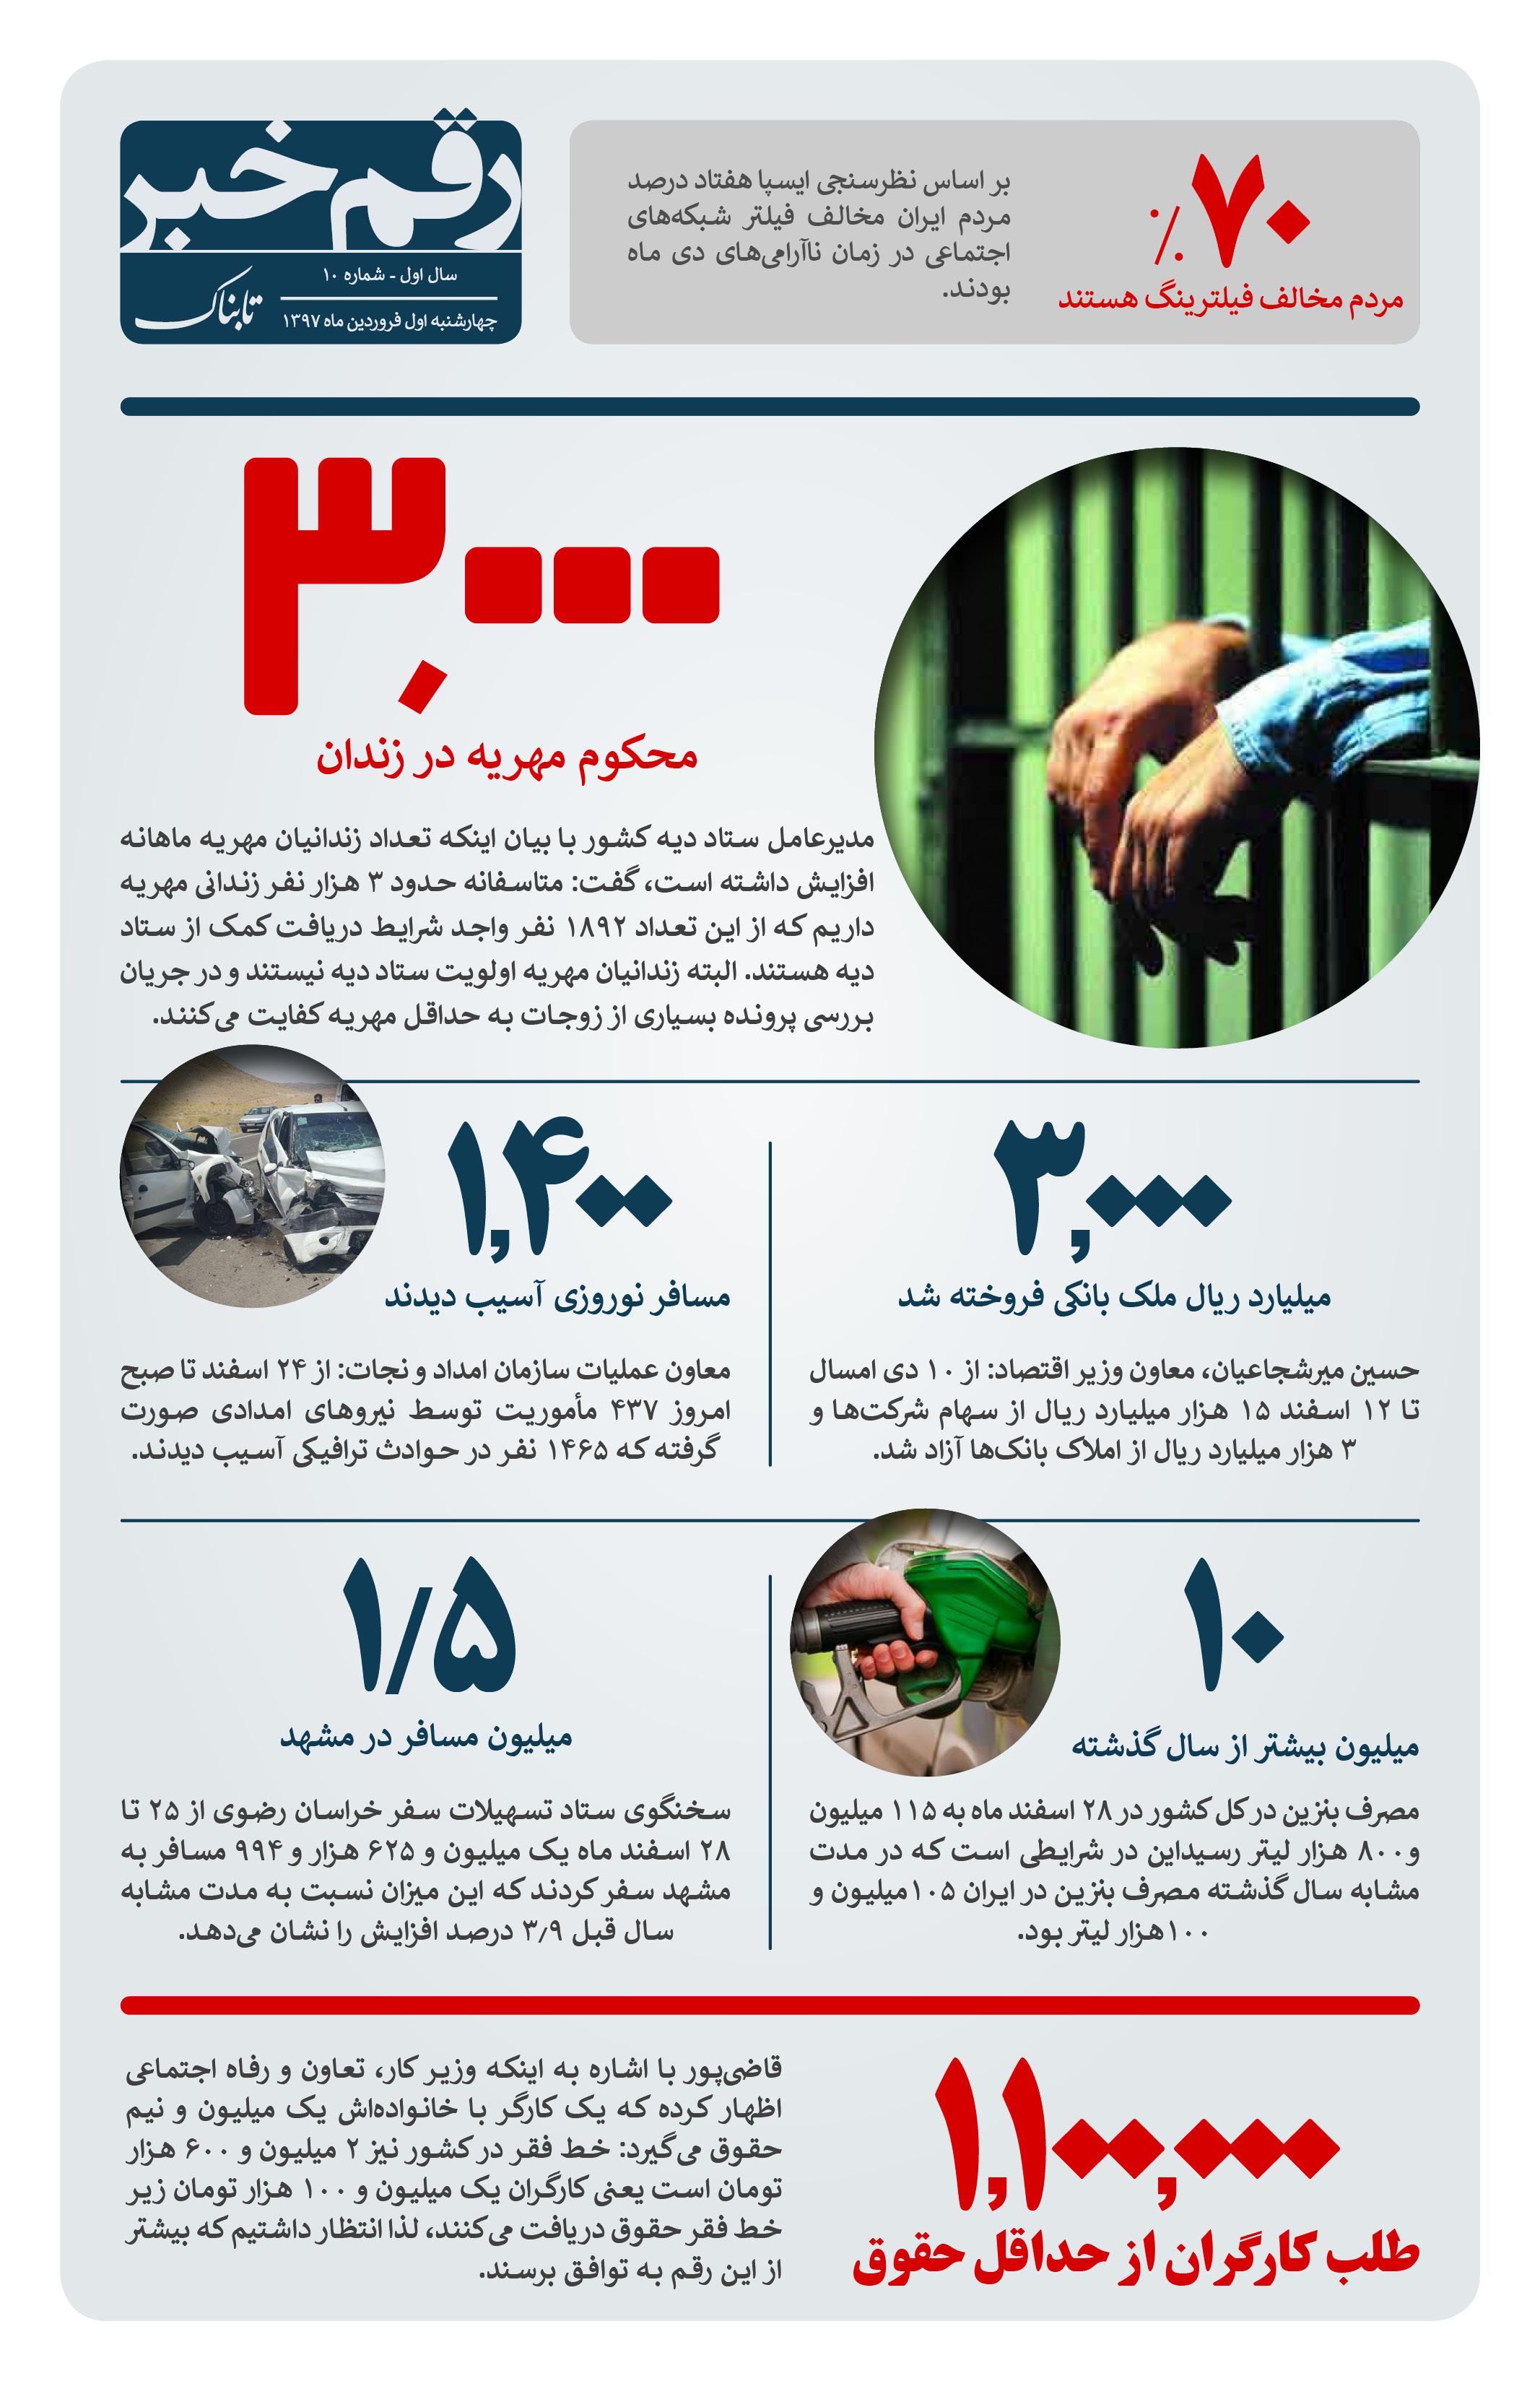 رقم خبر: آخرین آمار زندانیان مهریه در کشور